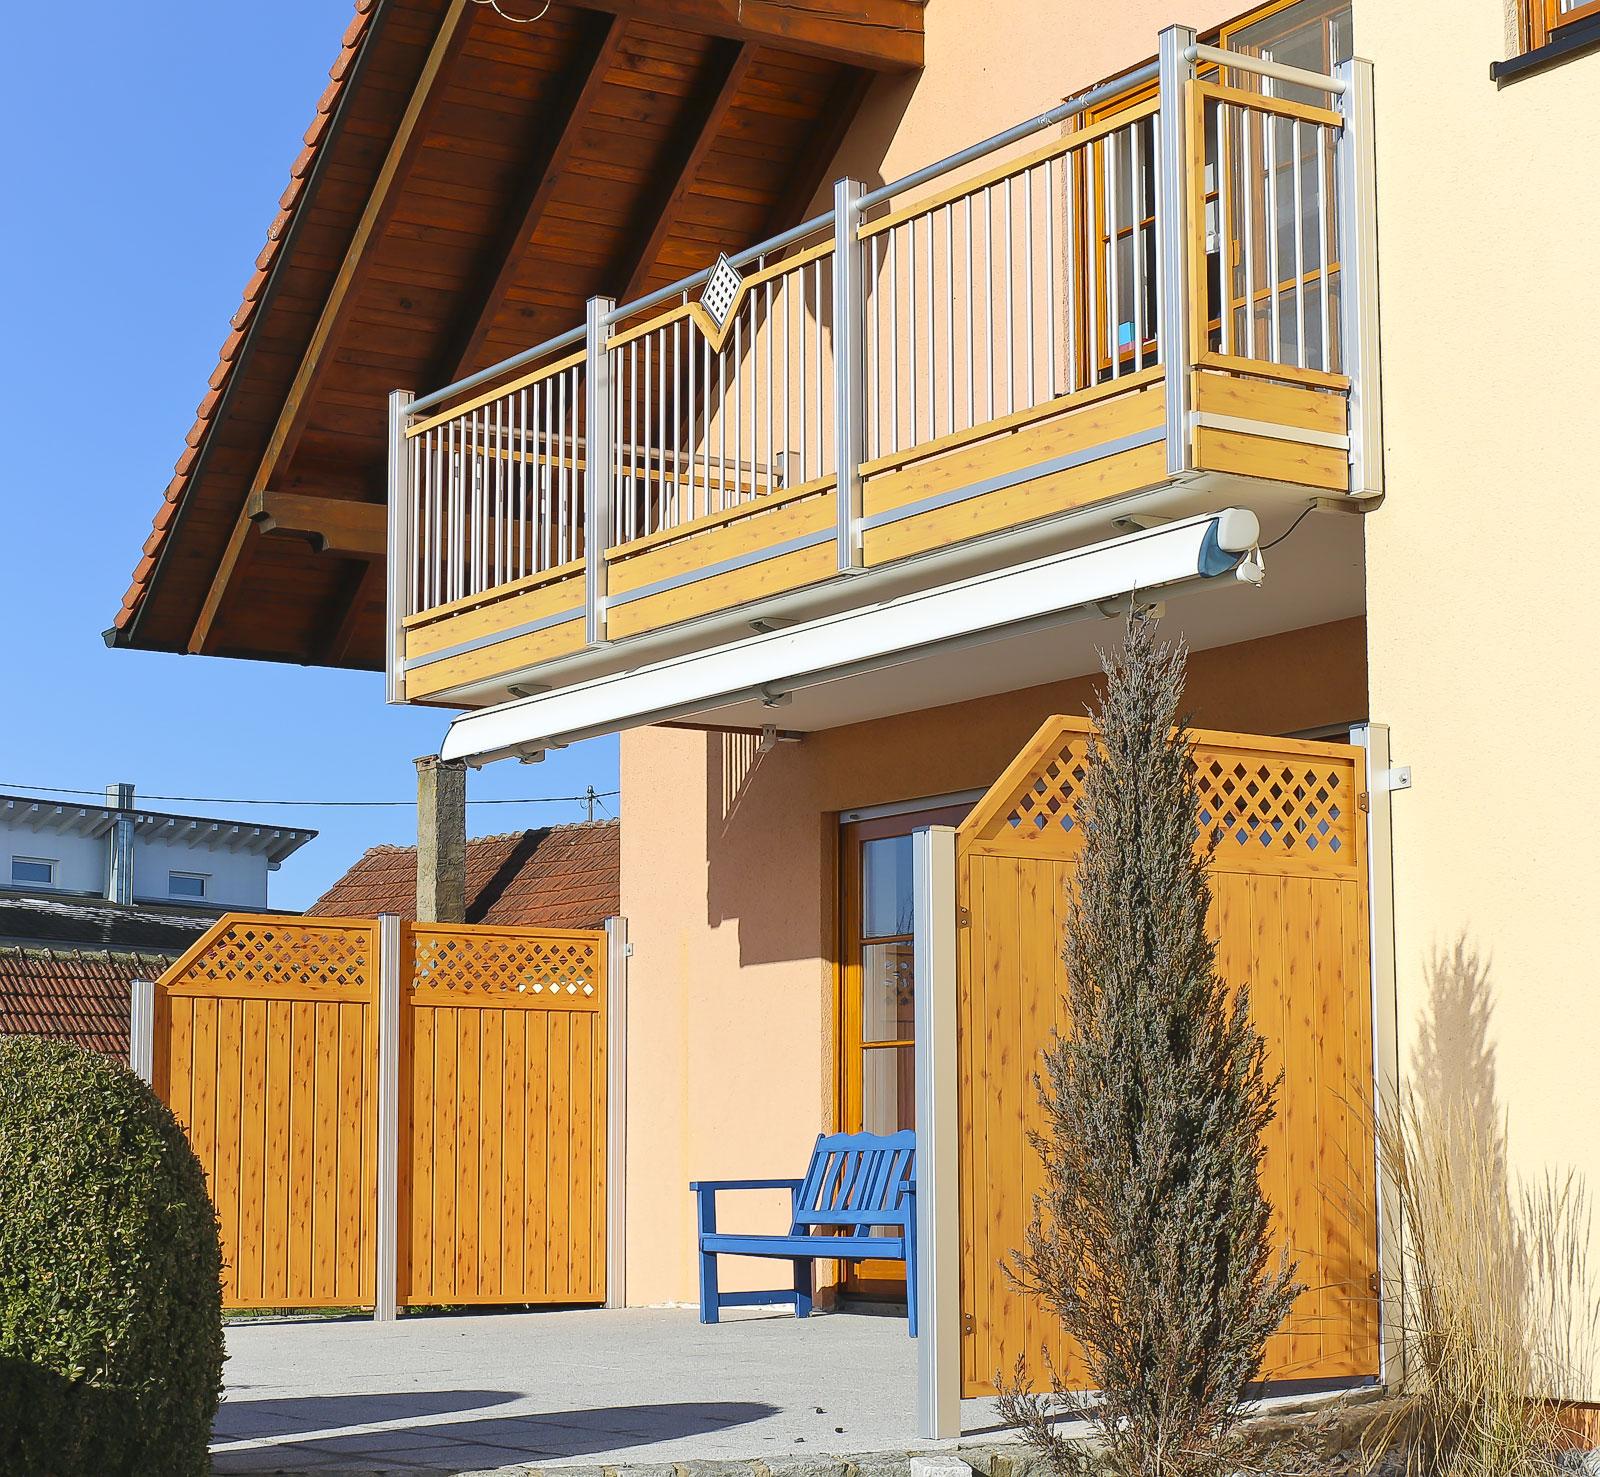 linder balkone z une alu alubalkone alu balkonanbauten alu berdachungen alu sichtschutzw nde. Black Bedroom Furniture Sets. Home Design Ideas